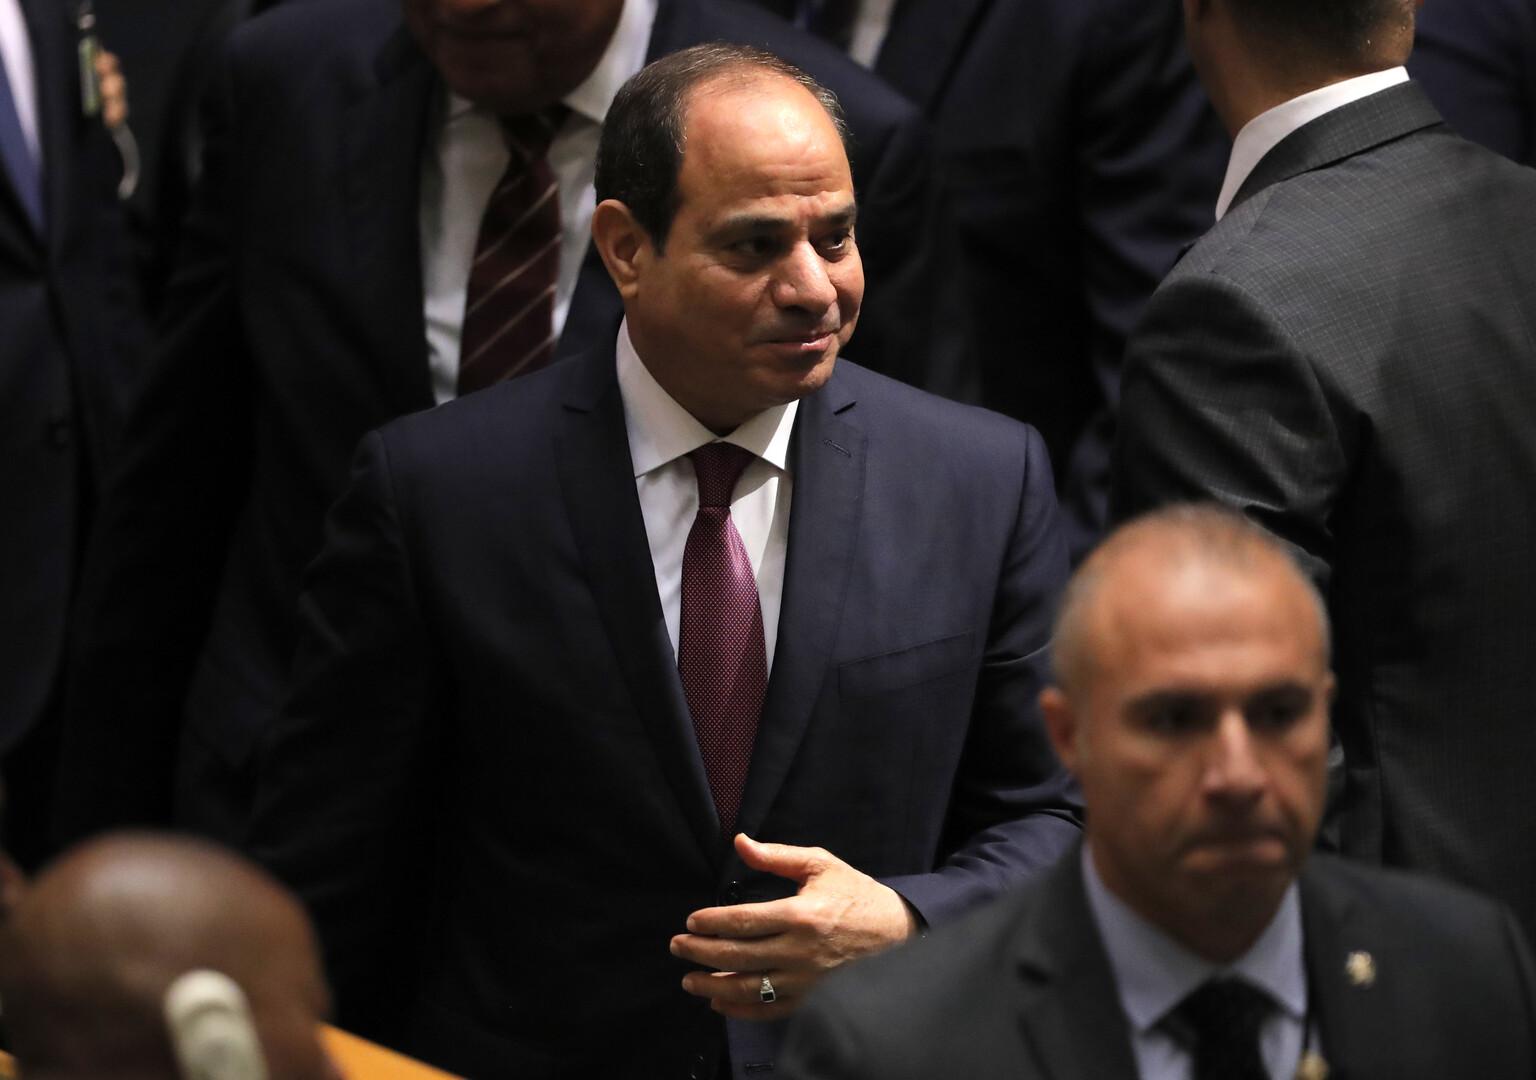 السيسي يوجه رسالة للمصريين بسبب